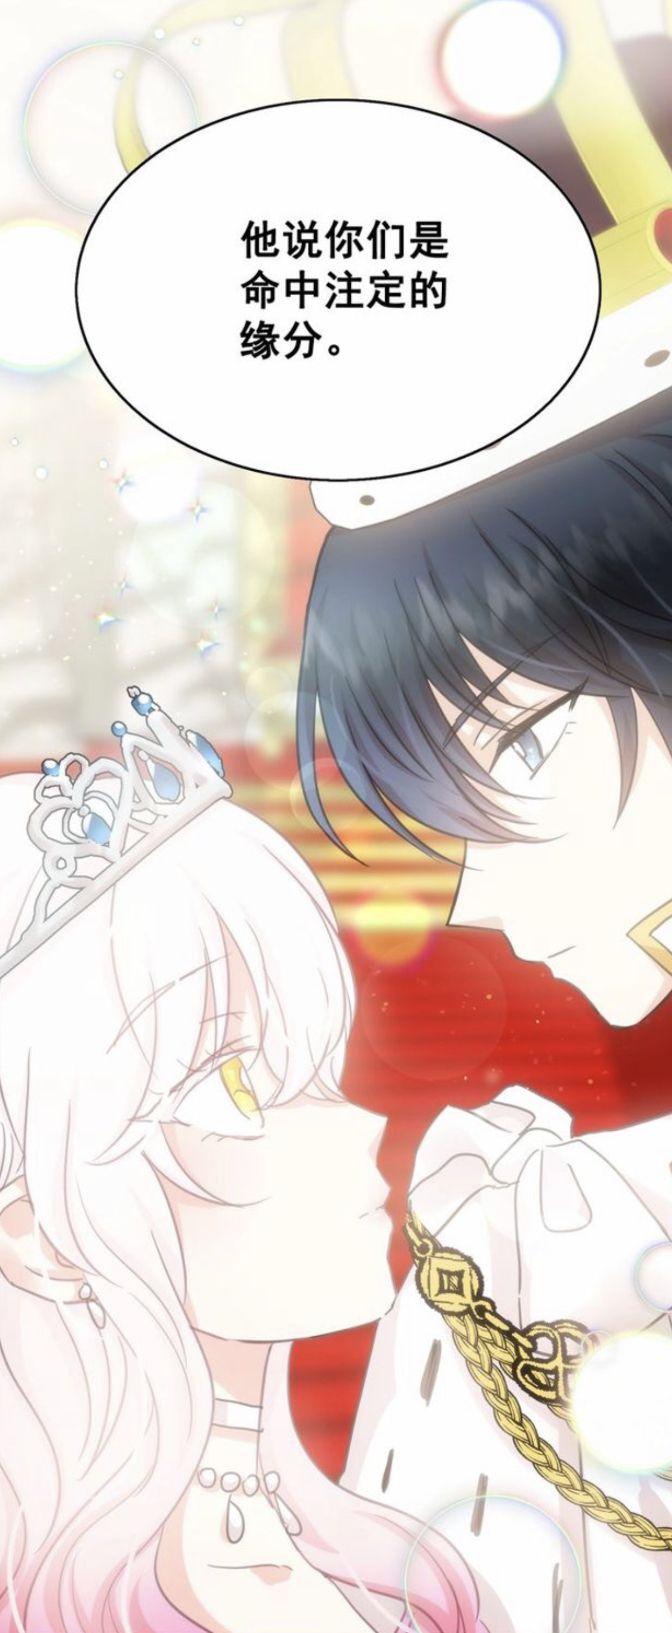 ปักพินโดย Animemangaluver ใน The Moon Witch and The Sun